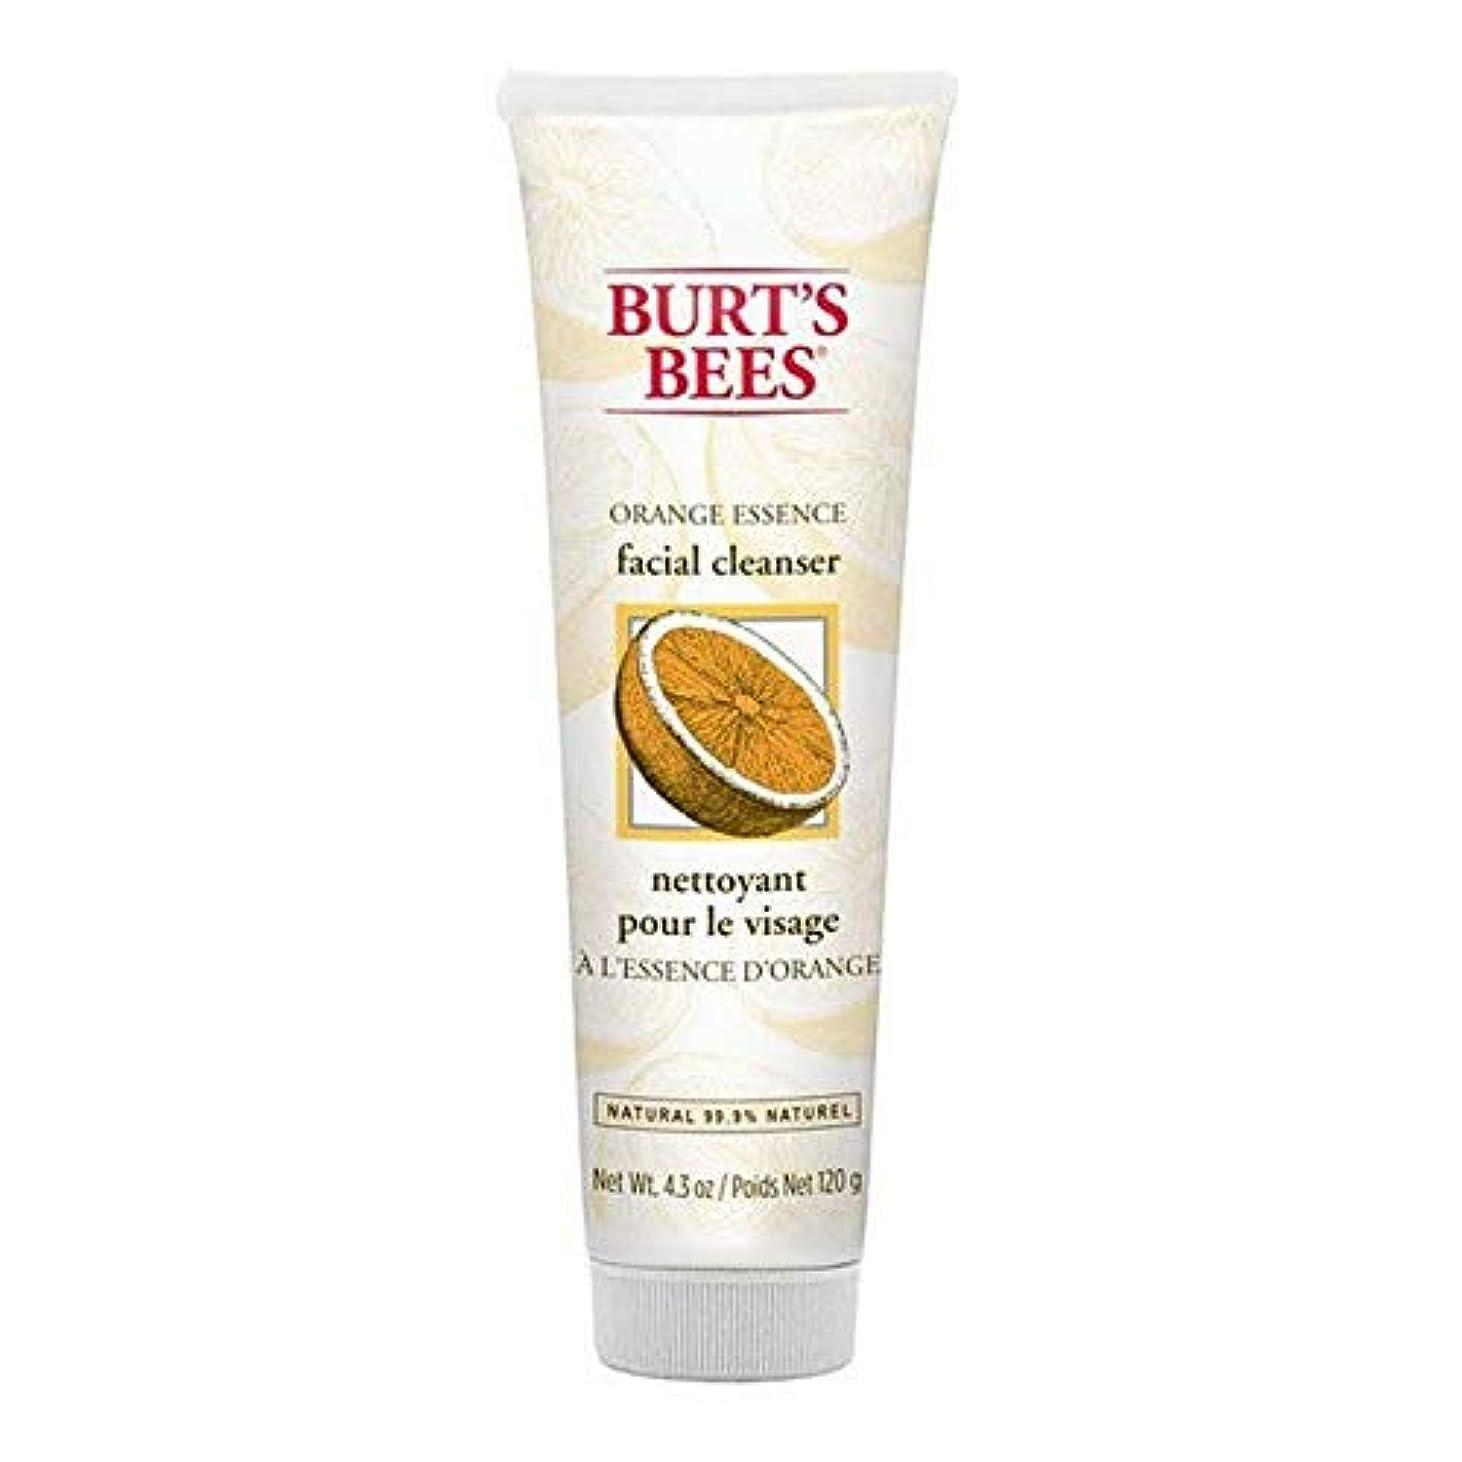 気味の悪い本を読むしなやか[Burt's Bees ] バーツビーオレンジエッセンス洗顔料の120グラム - Burt's Bees Orange Essence Facial Cleanser 120g [並行輸入品]